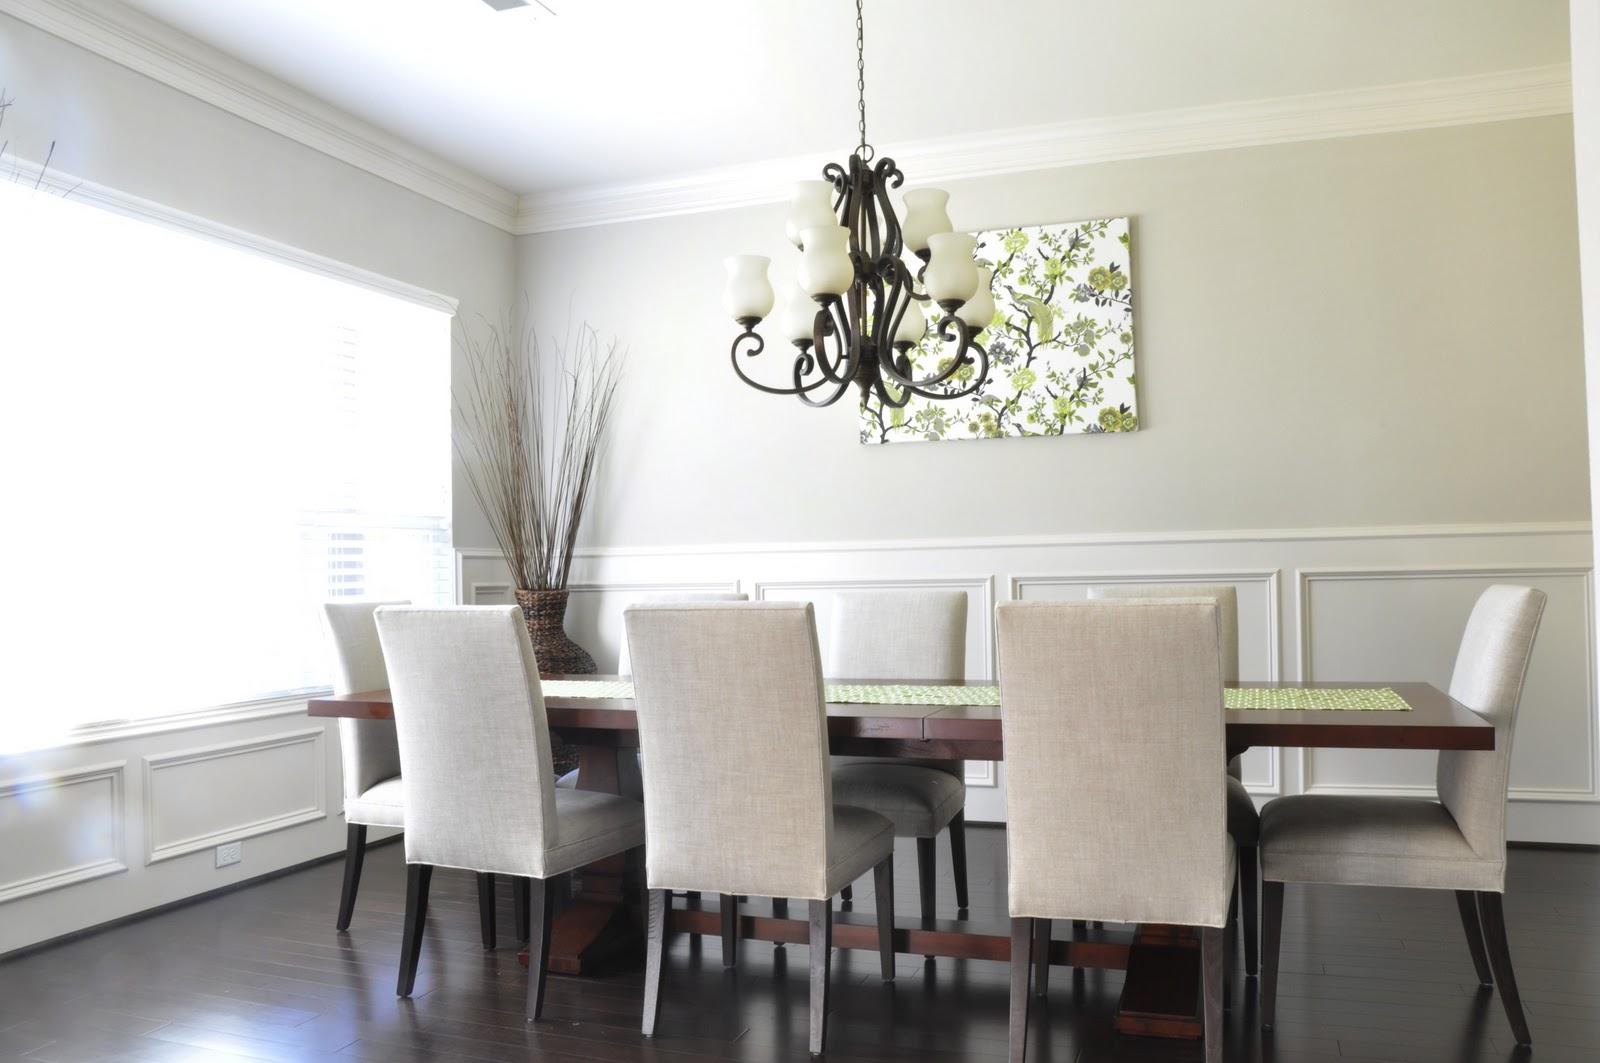 Dining Room Progress {Drapes & Mirror}